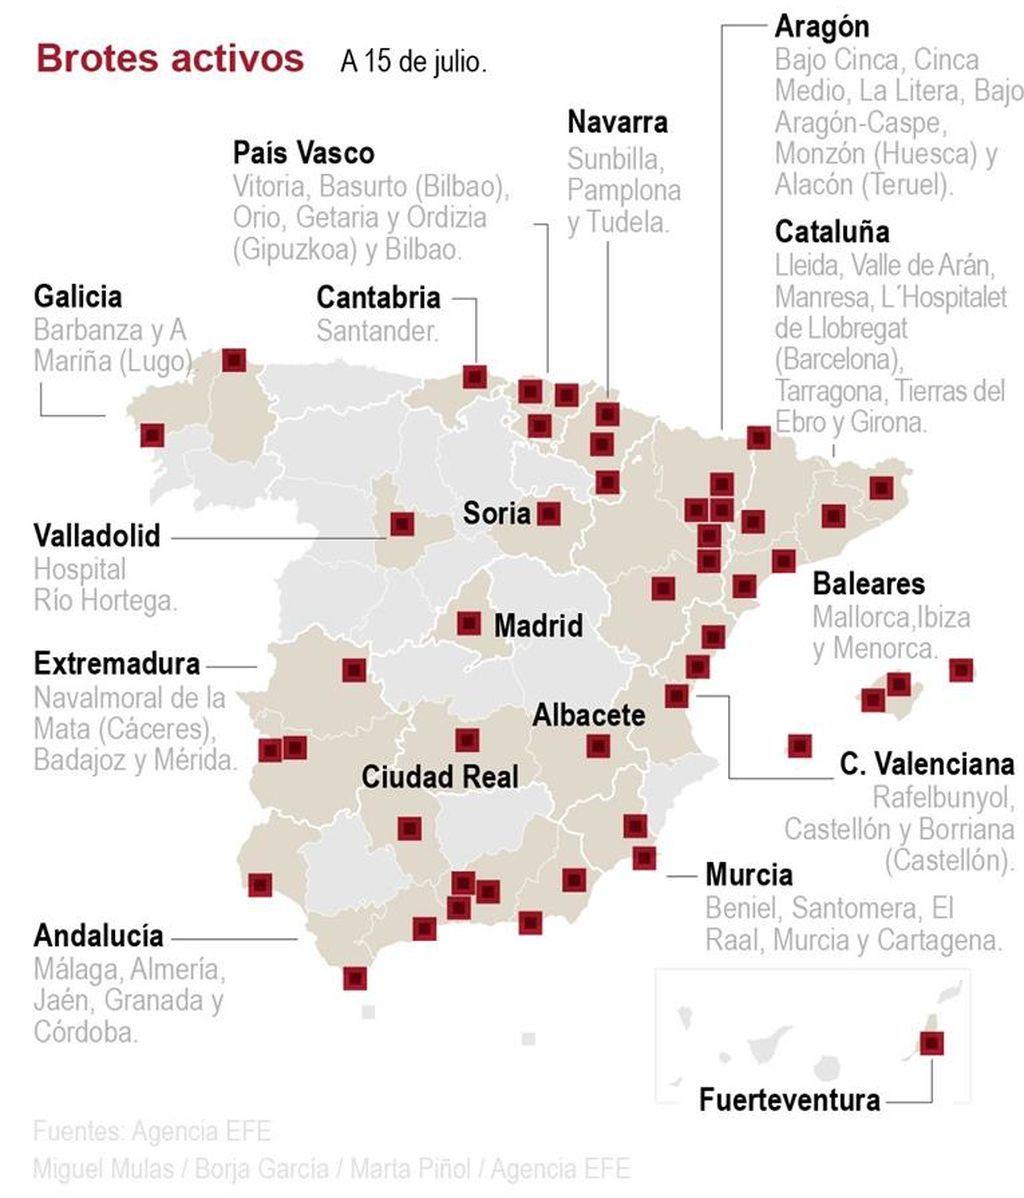 Rebrotes en todas las CCAA y contagios disparados: 390 con Cataluña y Aragón a la cabeza